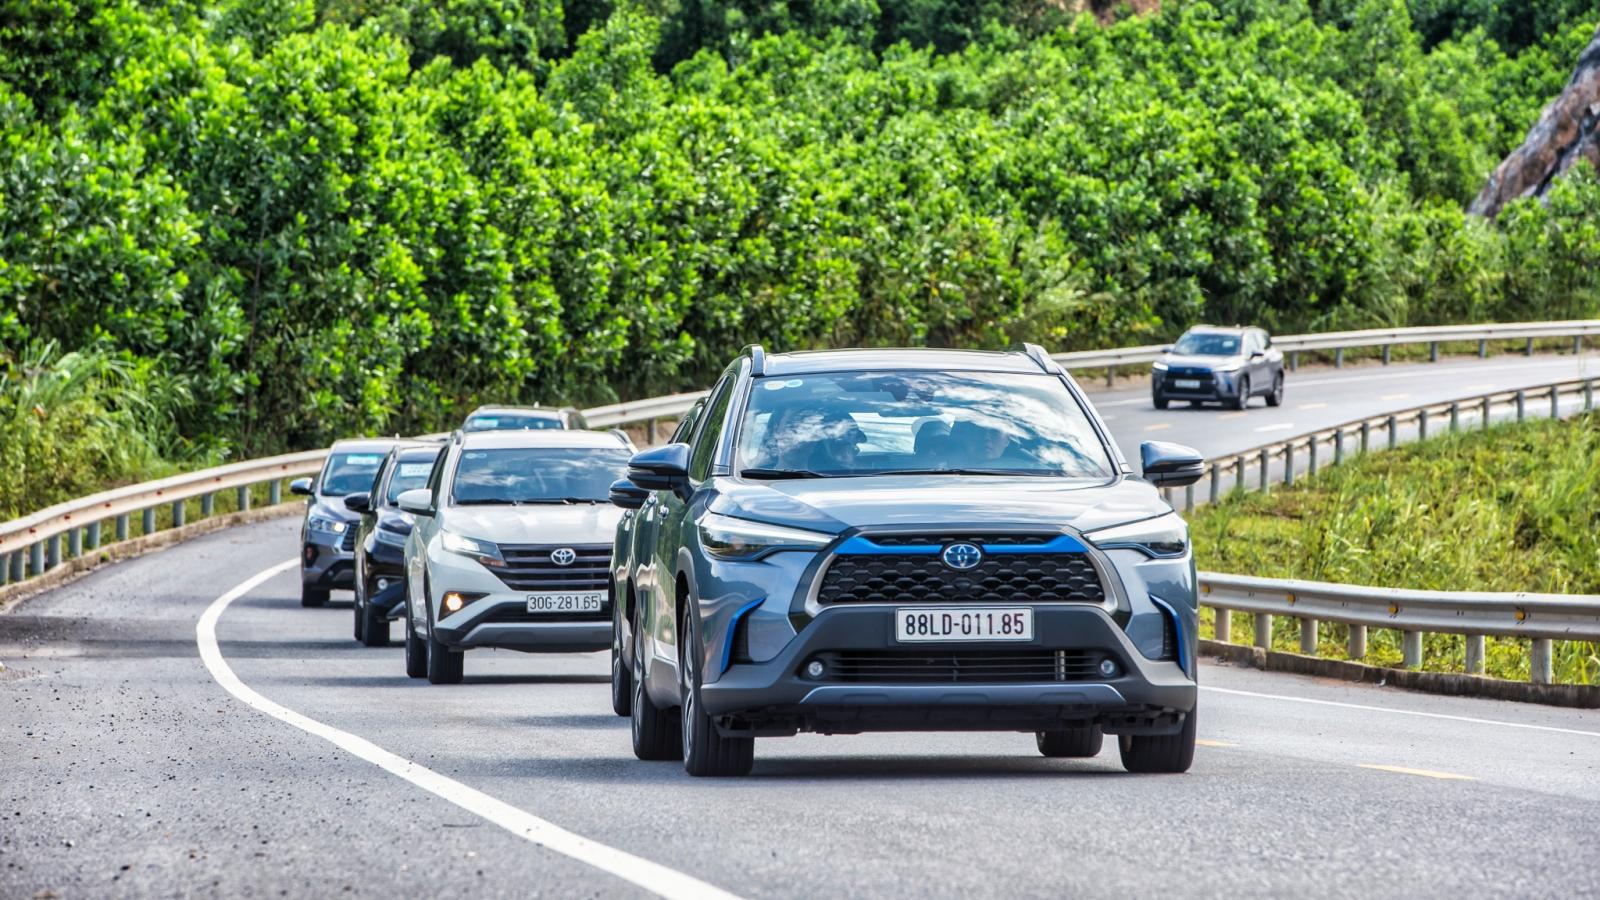 Bất chấp đại dịch Covid-19, Toyota Việt Nam vẫn bứt phá trong năm 2020